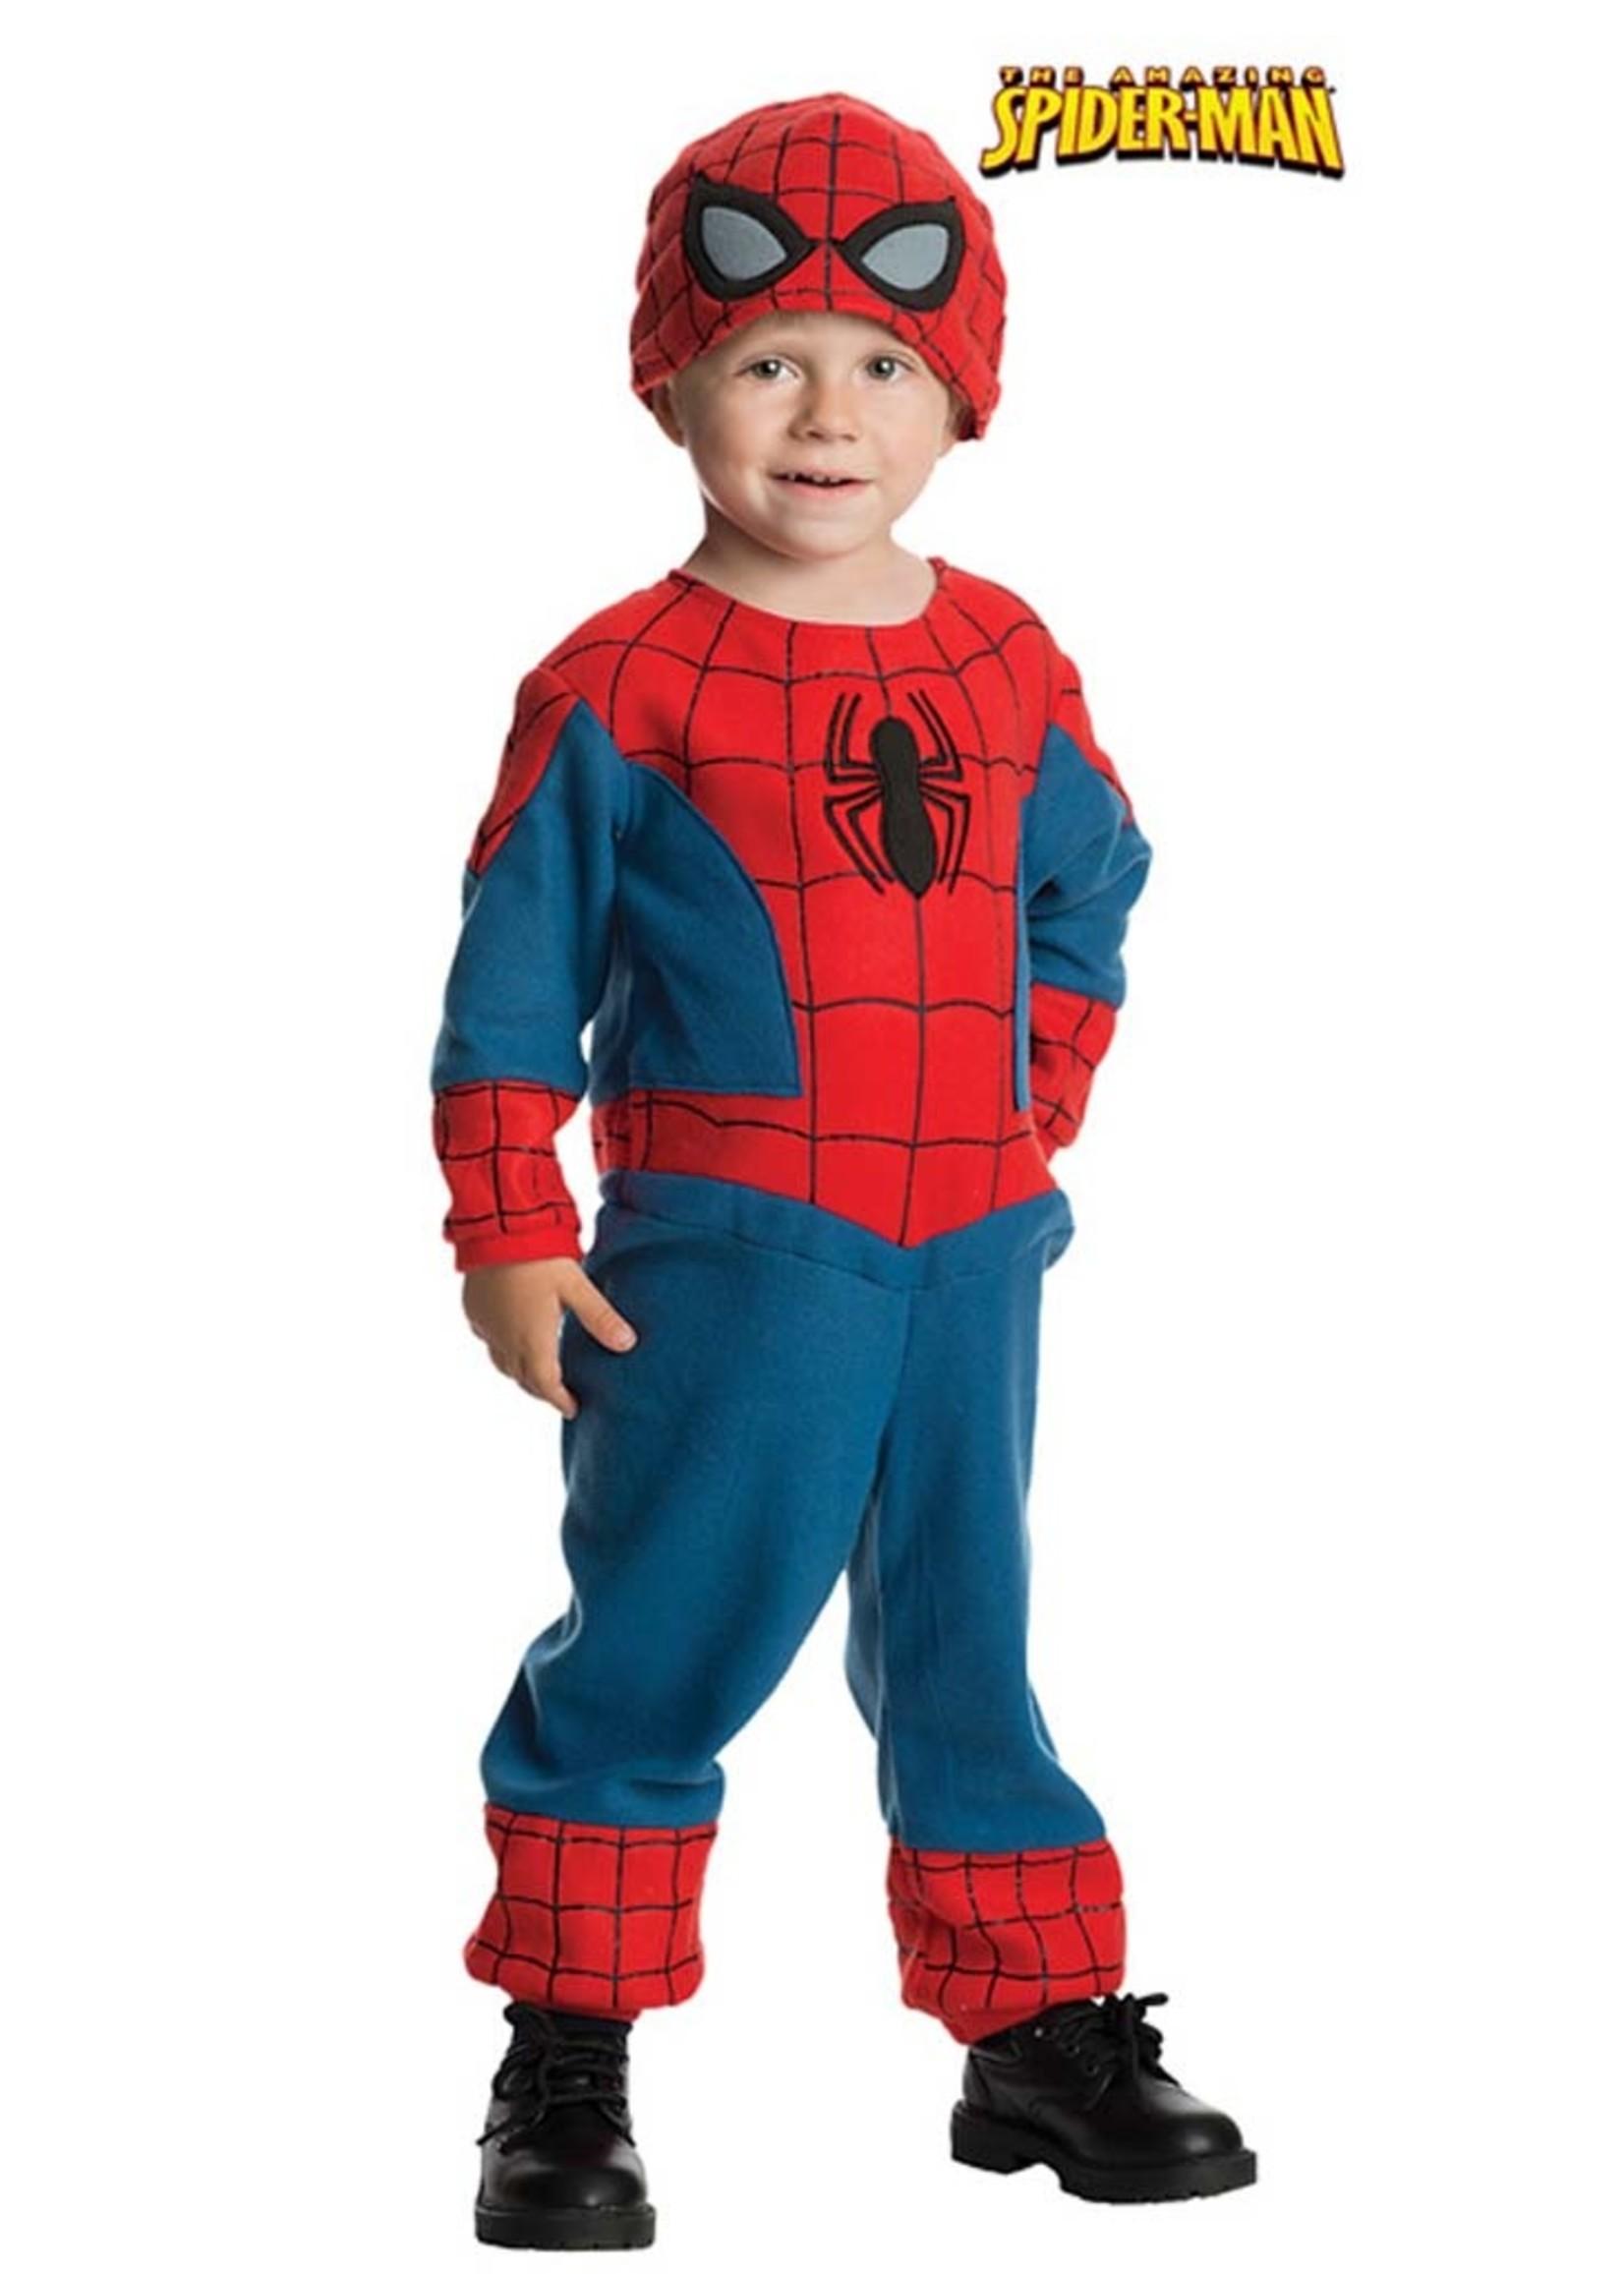 Spider-Man - Toddler